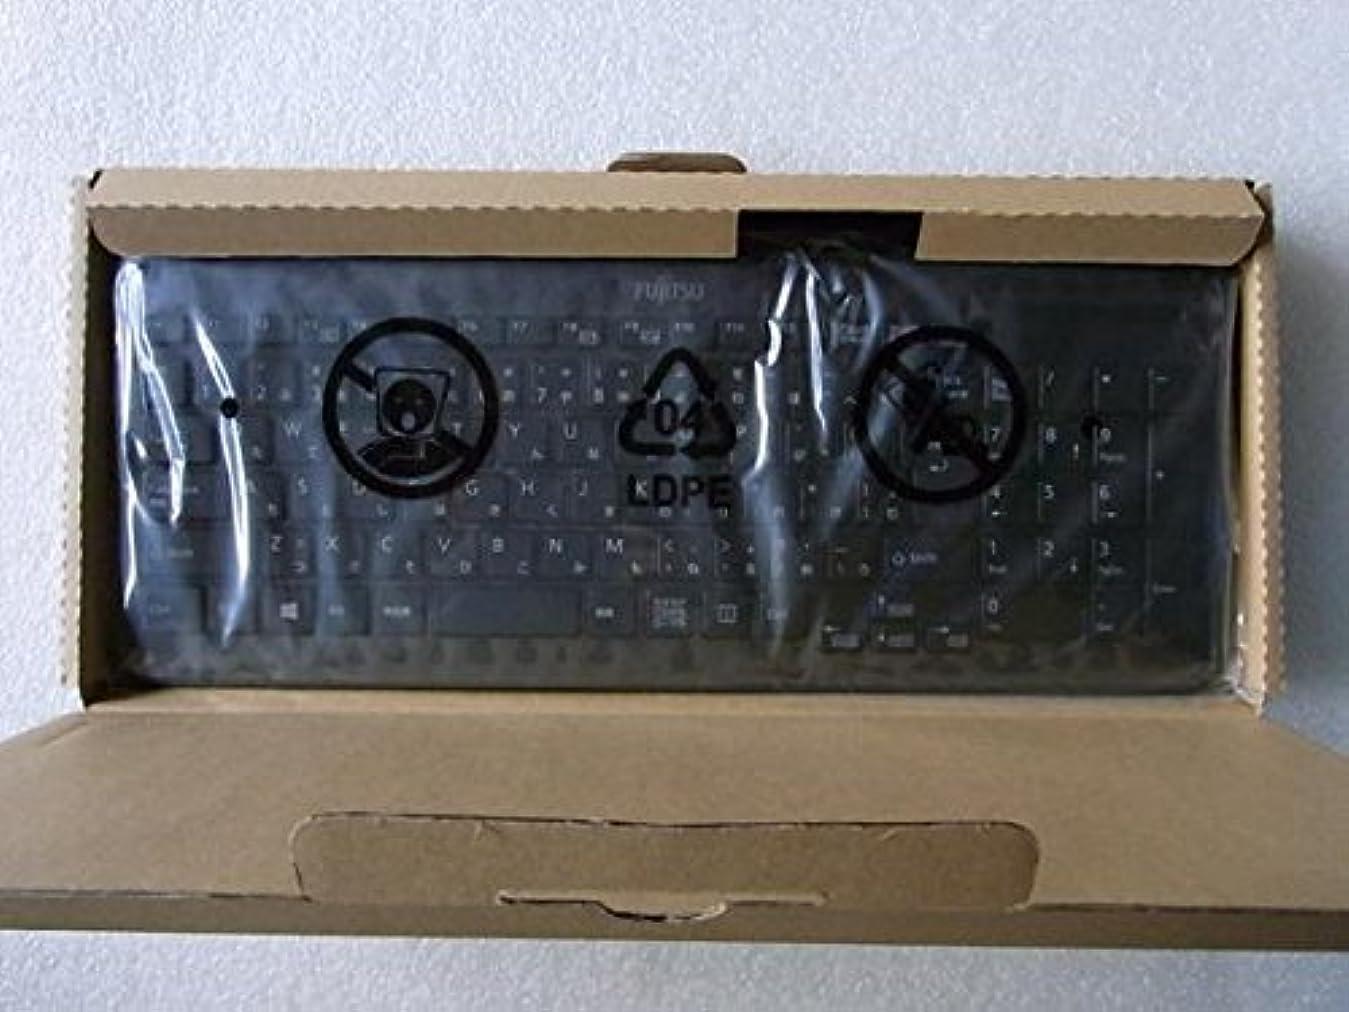 敬礼合併症ポテト富士通純正 USBキーボード SK-9022 ブラック テンキー付き アイソレーションタイプ